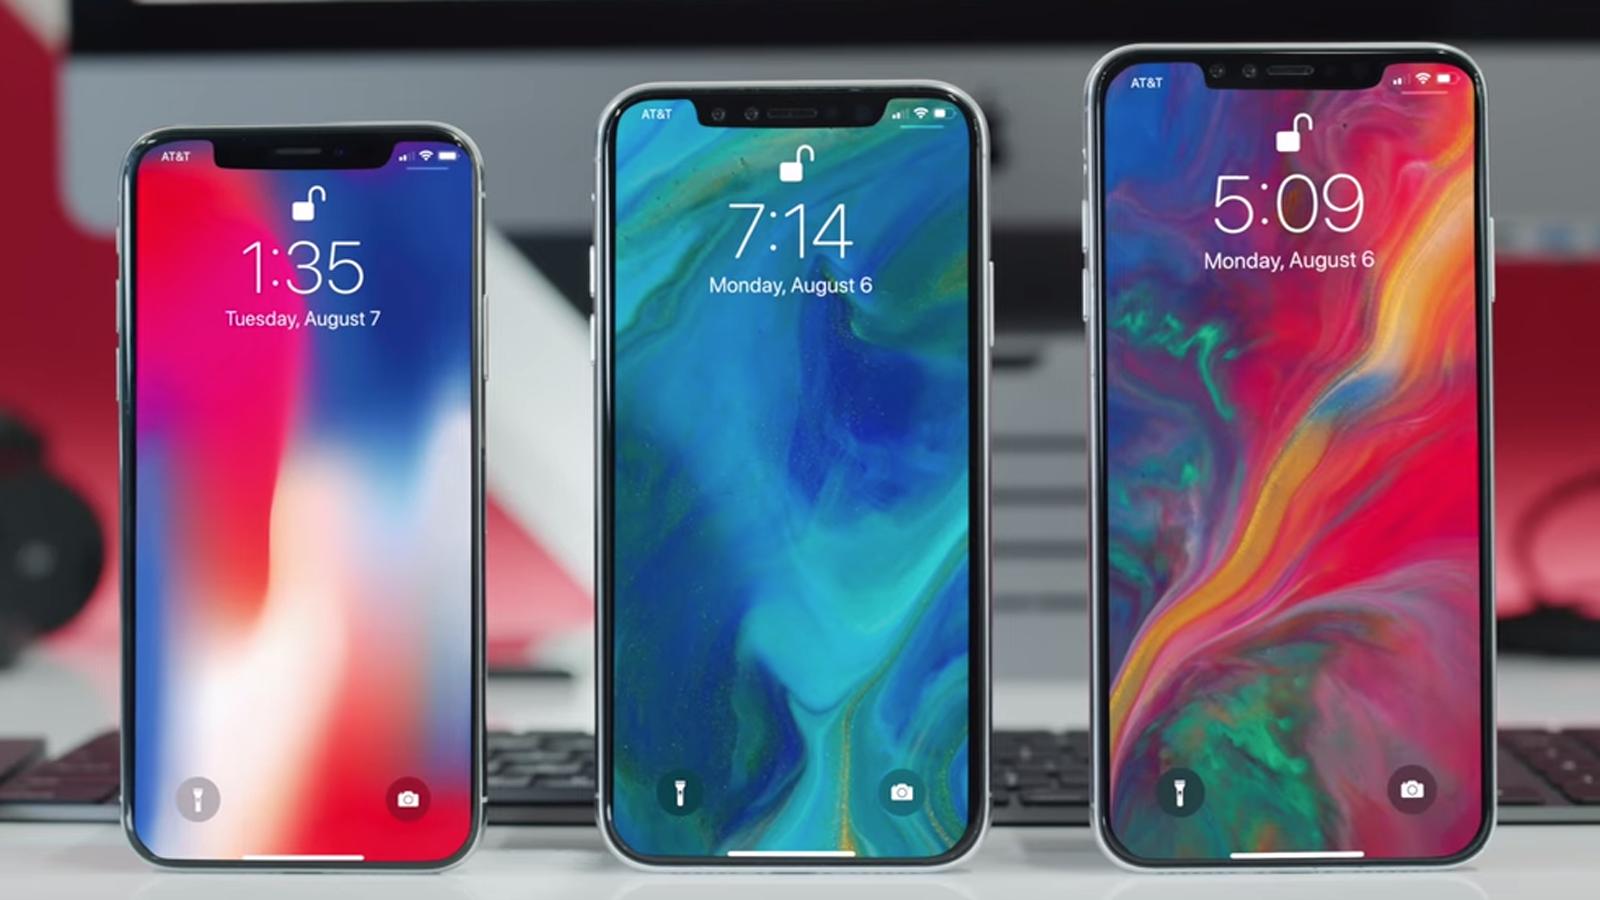 彭博曝光今年新 iPhone:外观变化不大. 名字仍是谜